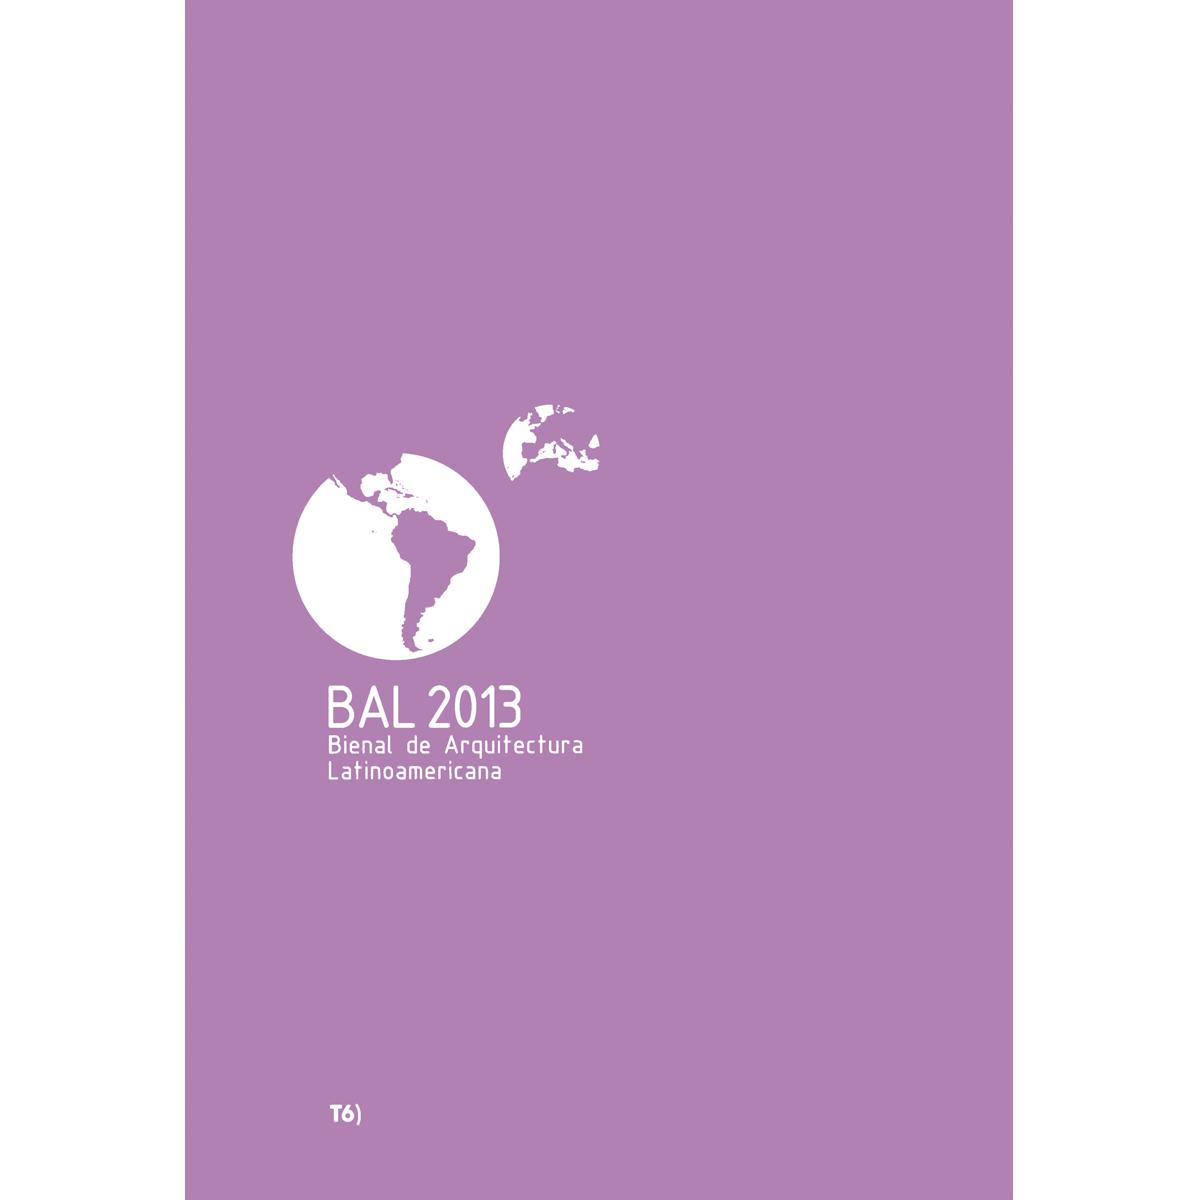 BAL 2013